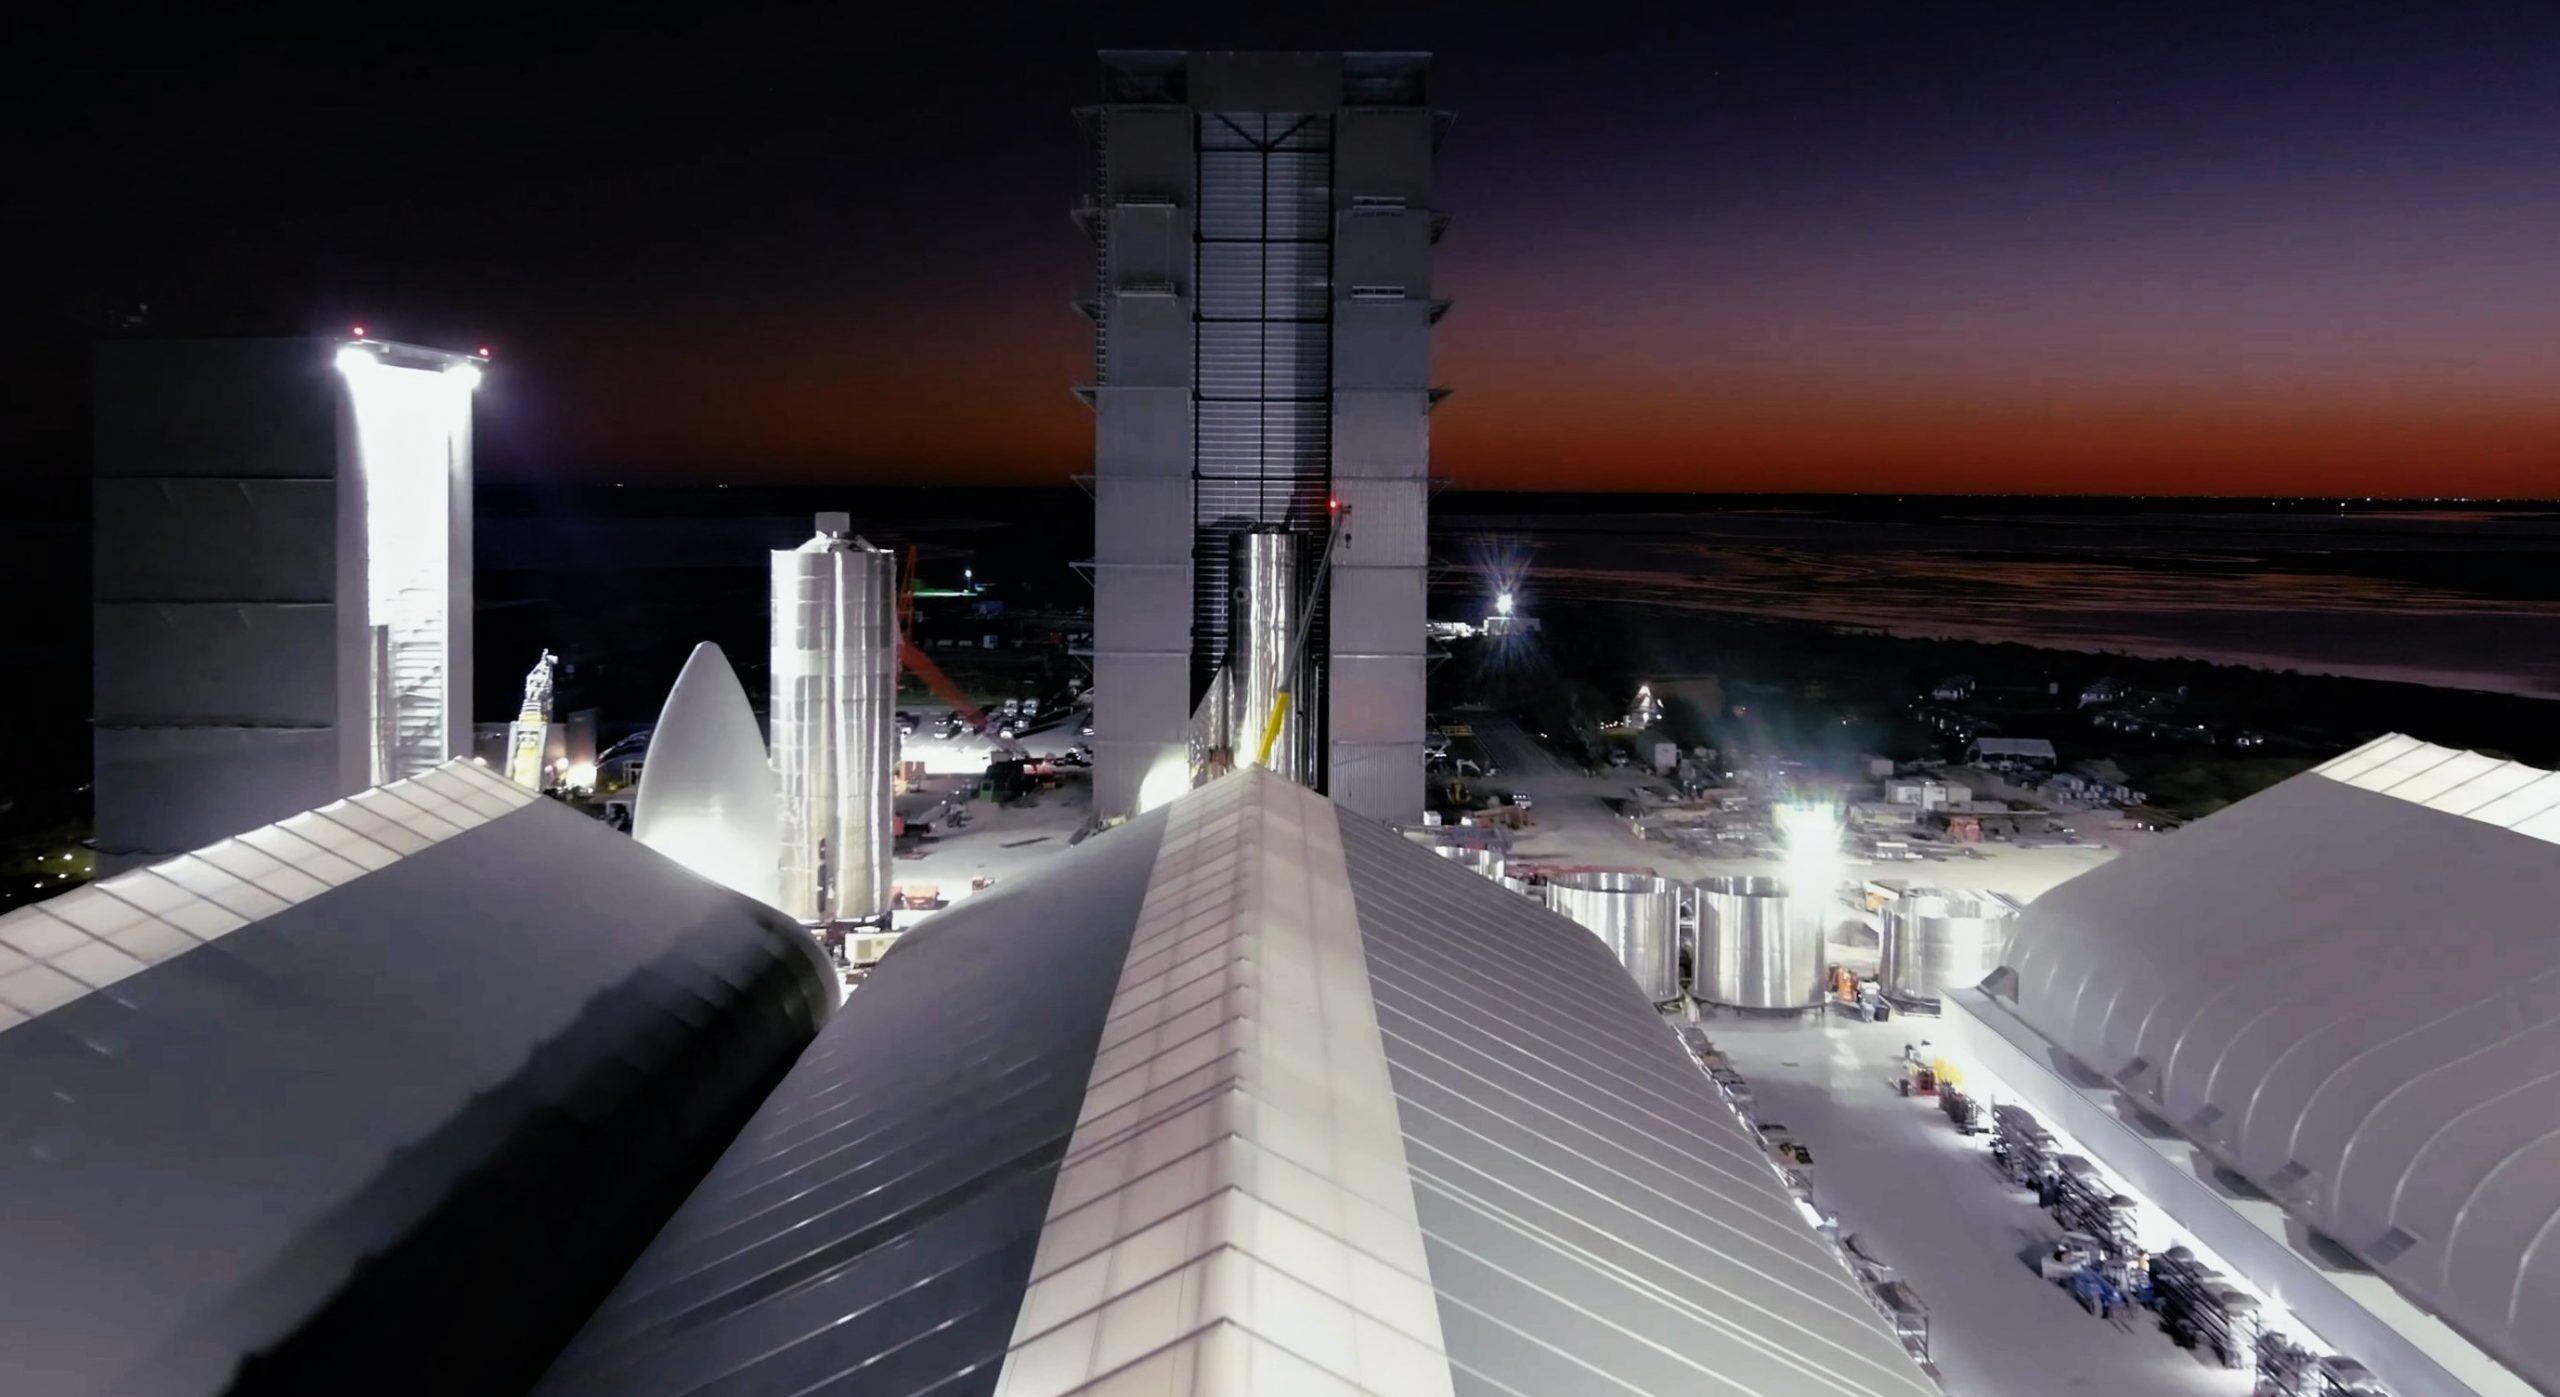 Starship SN8 launch recap 120920 (SpaceX) SN9 SN5 HLS SN10 BN1 rings 1 crop